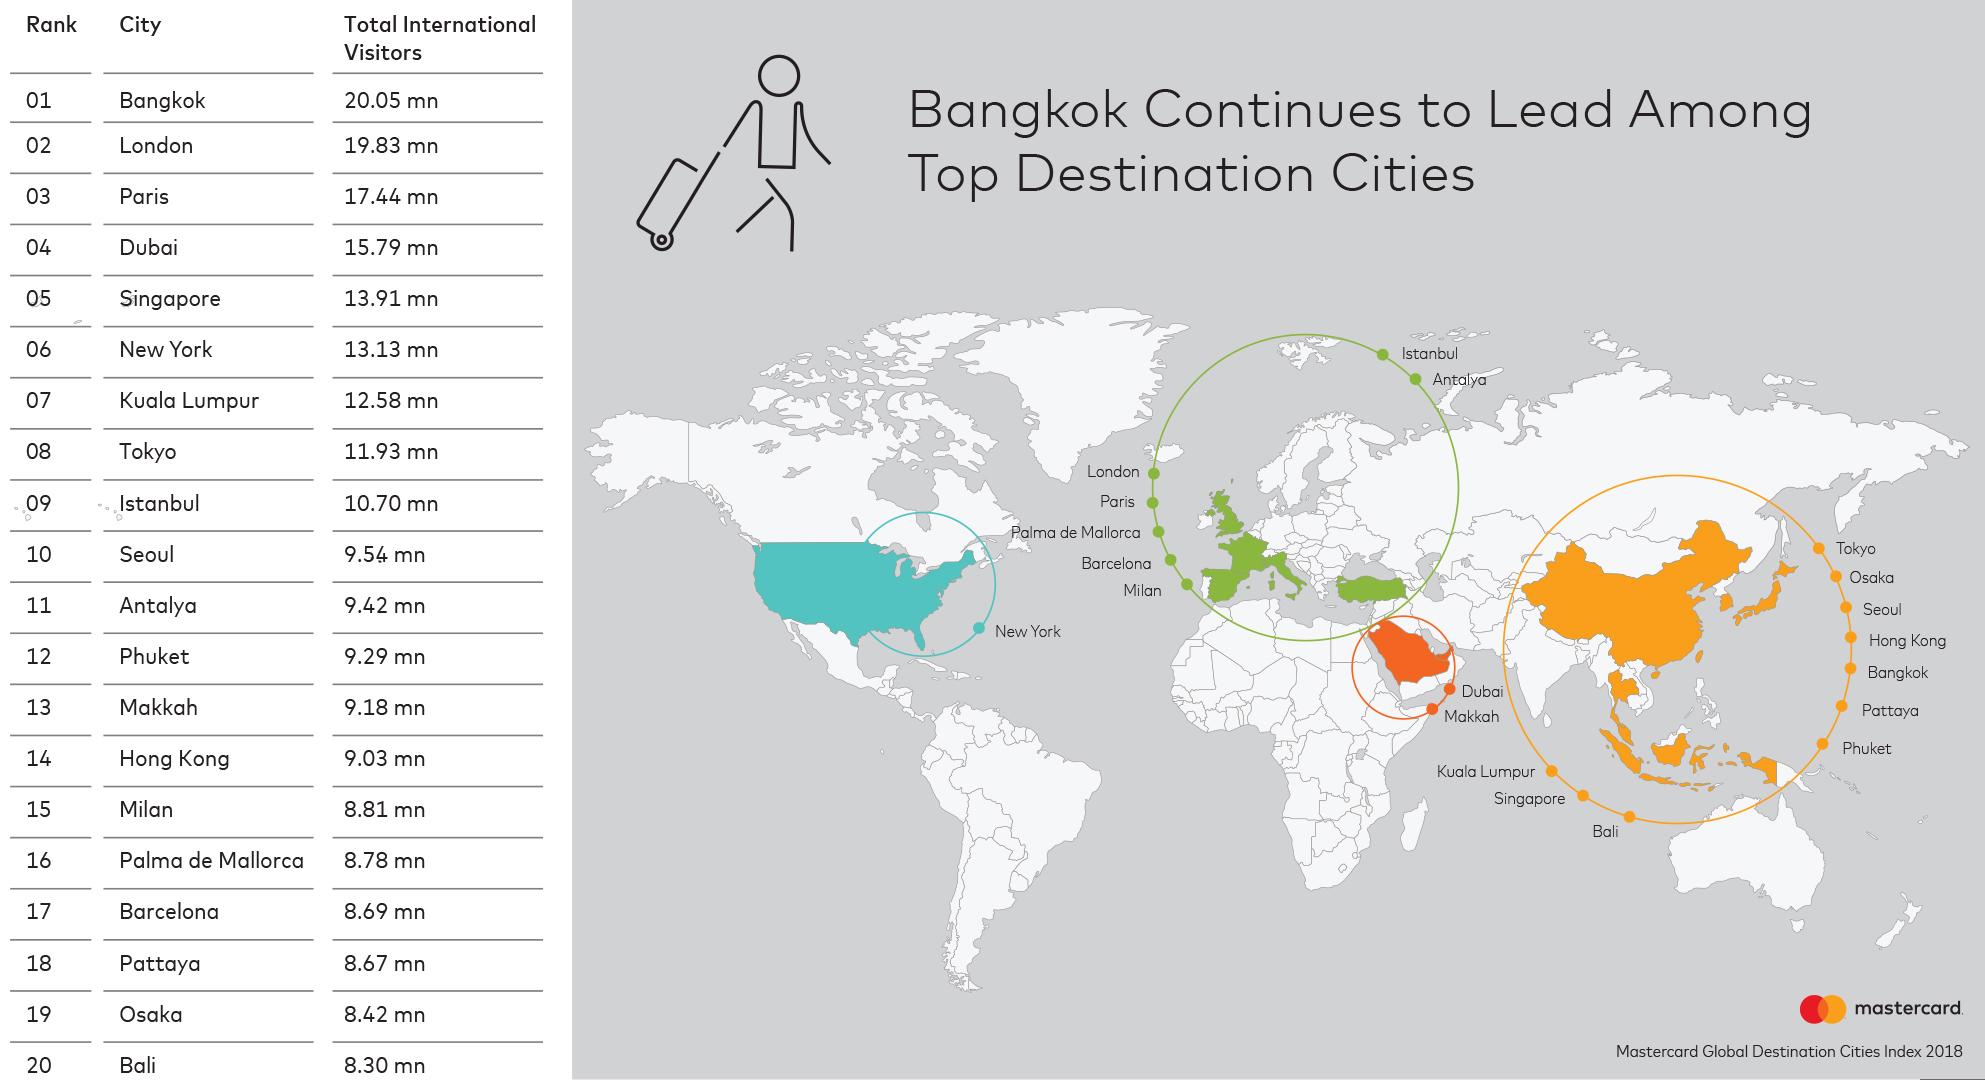 از سال 2009 تاکنون تعداد گردشگران خارجی در جهان 76 درصد افزایش یافته و برای چهارمین سال متوالی، بانکوک محبوب ترین شهر در نمایه جهانی مقاصد شهری Mastercard بوده است.